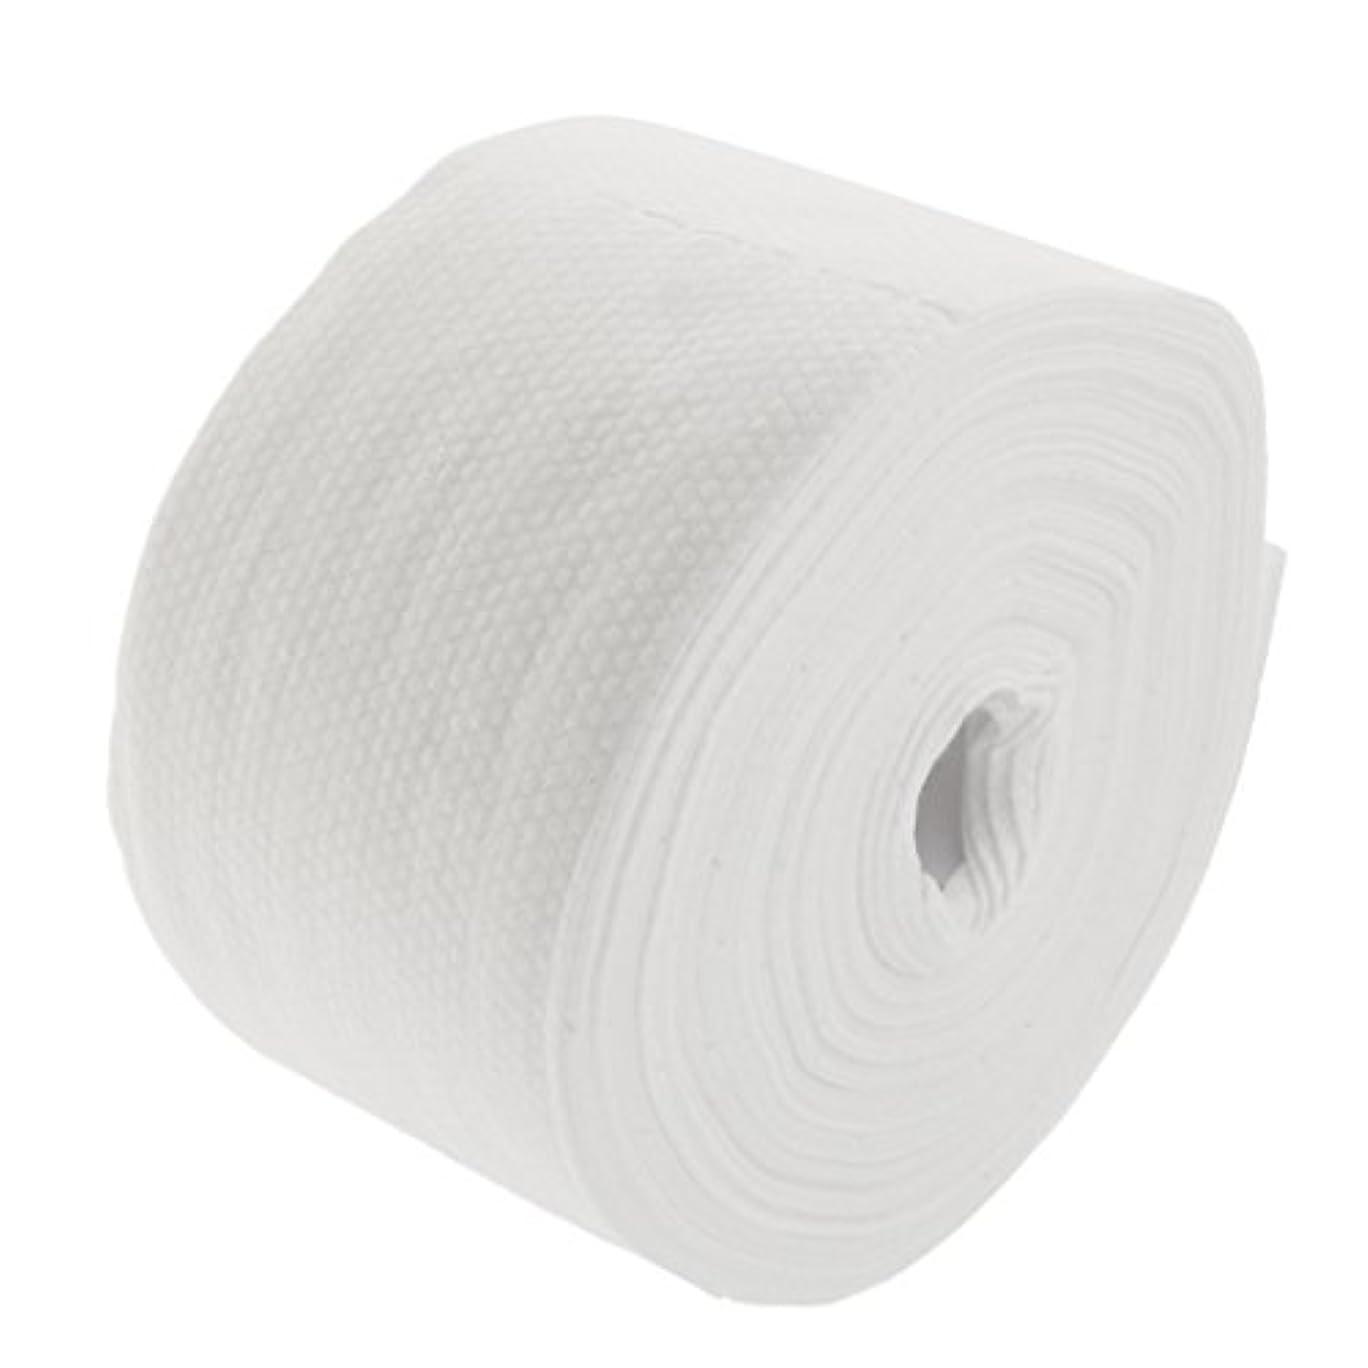 方法論自分の力ですべてをするスパーク30メートルの使い捨て可能な綿タオル繊維クレンジングフェイシャルワイプメイク落とし - #2